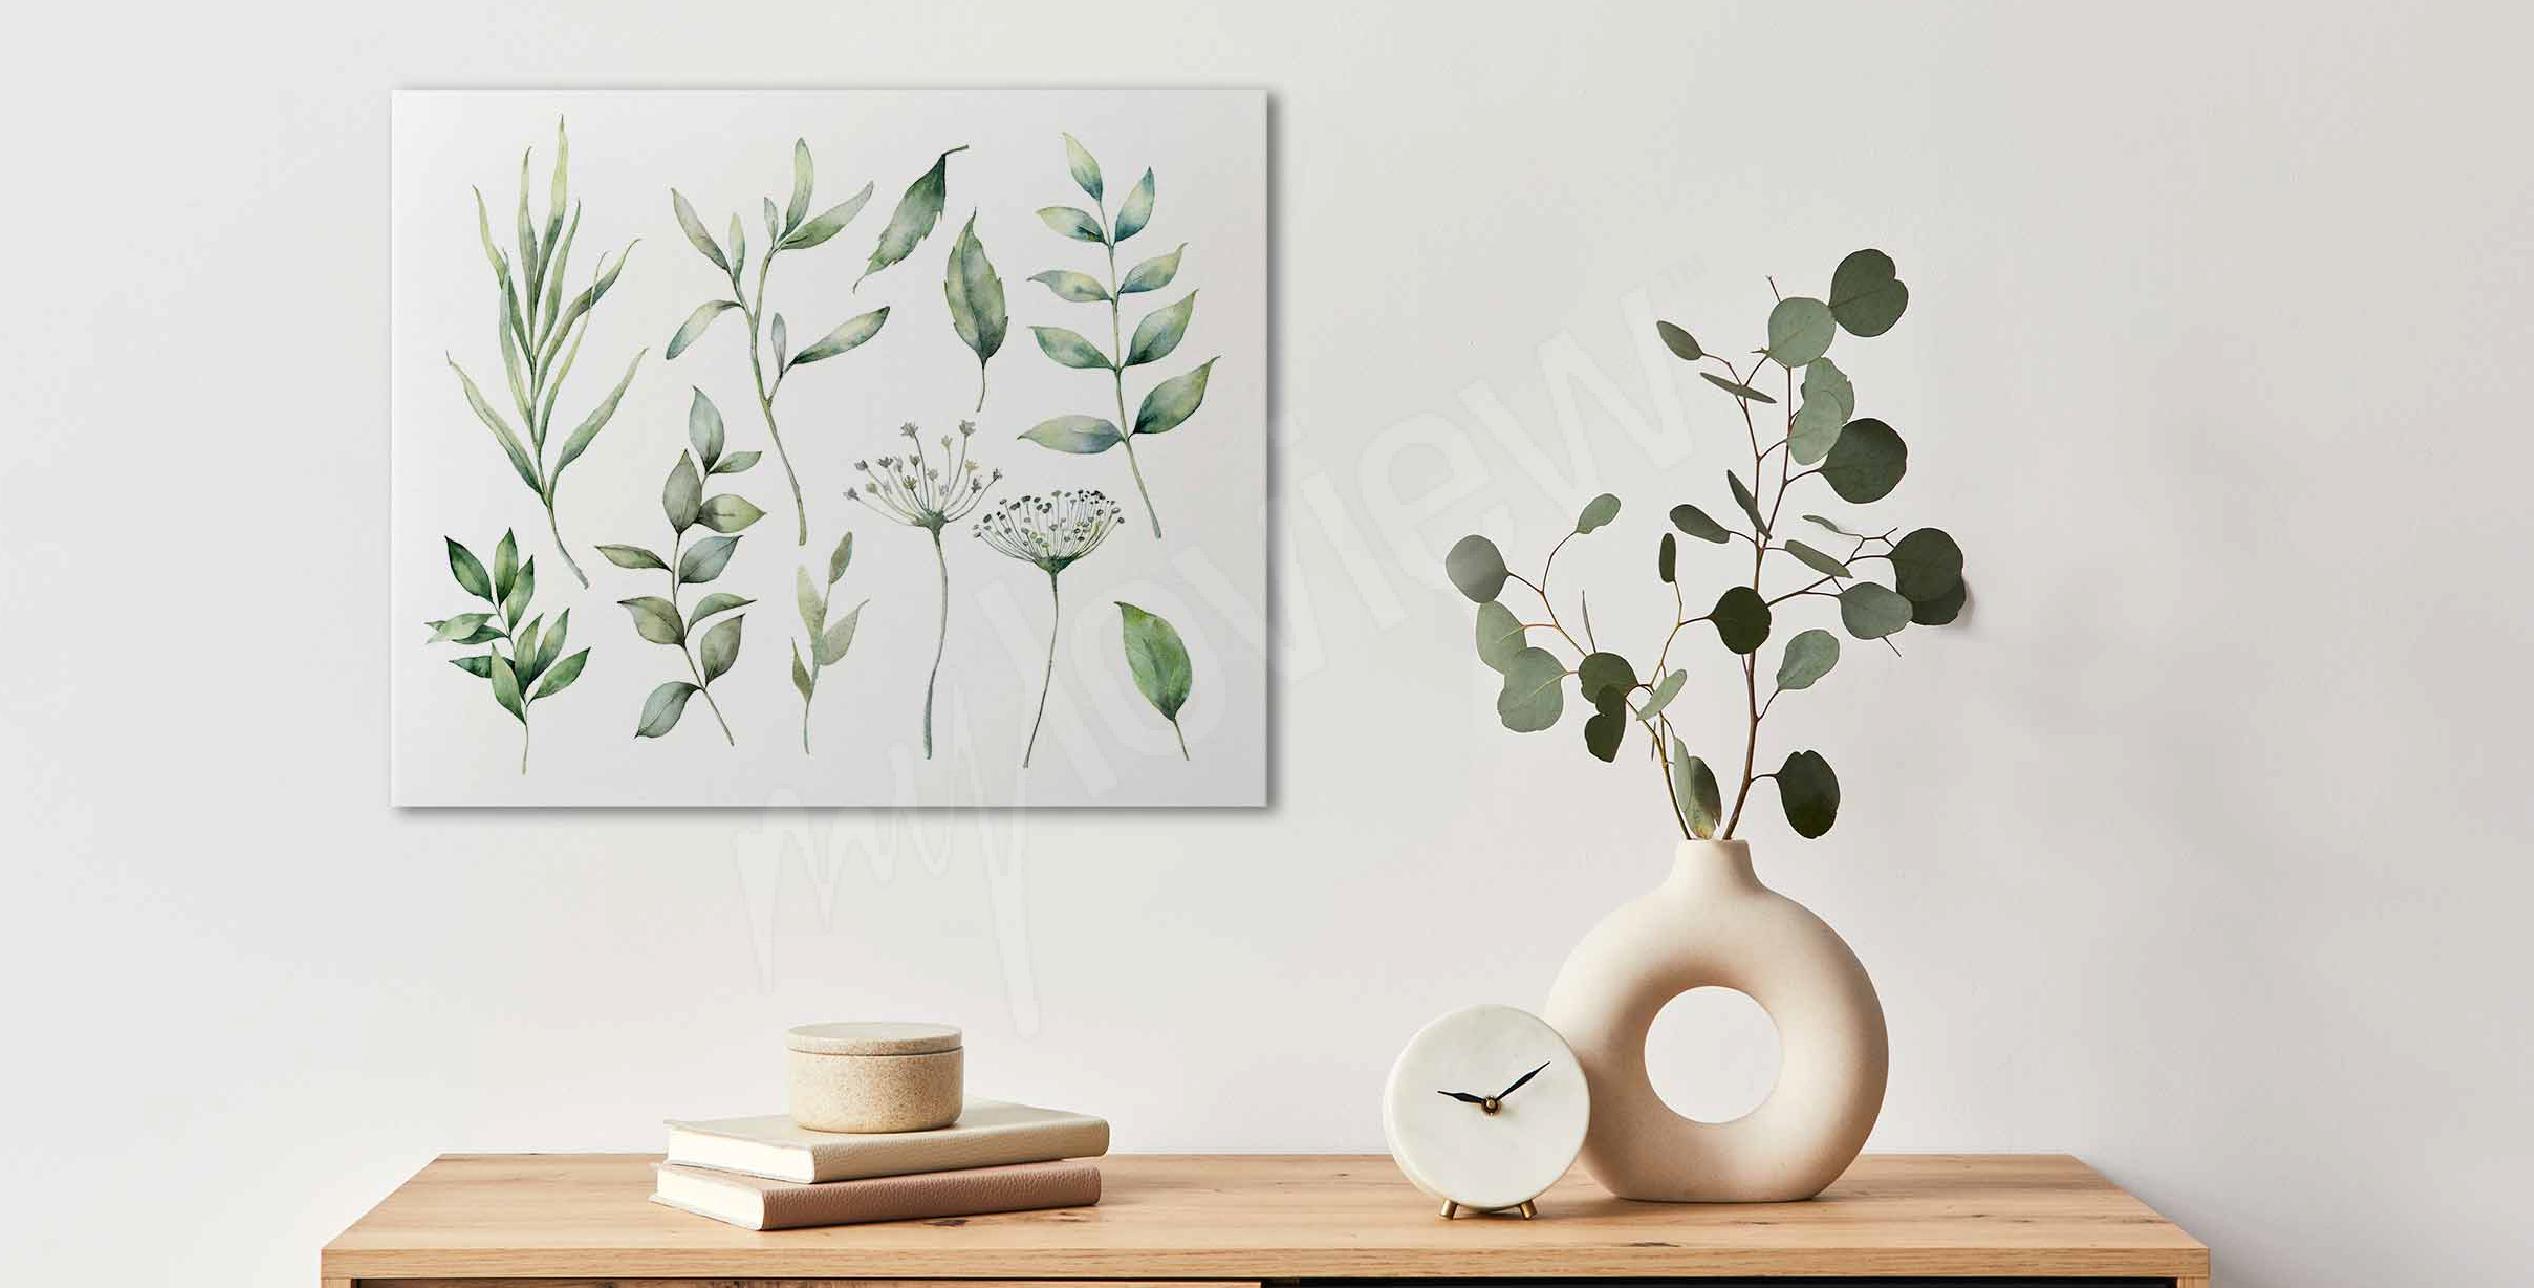 Obraz wiosenne zioła